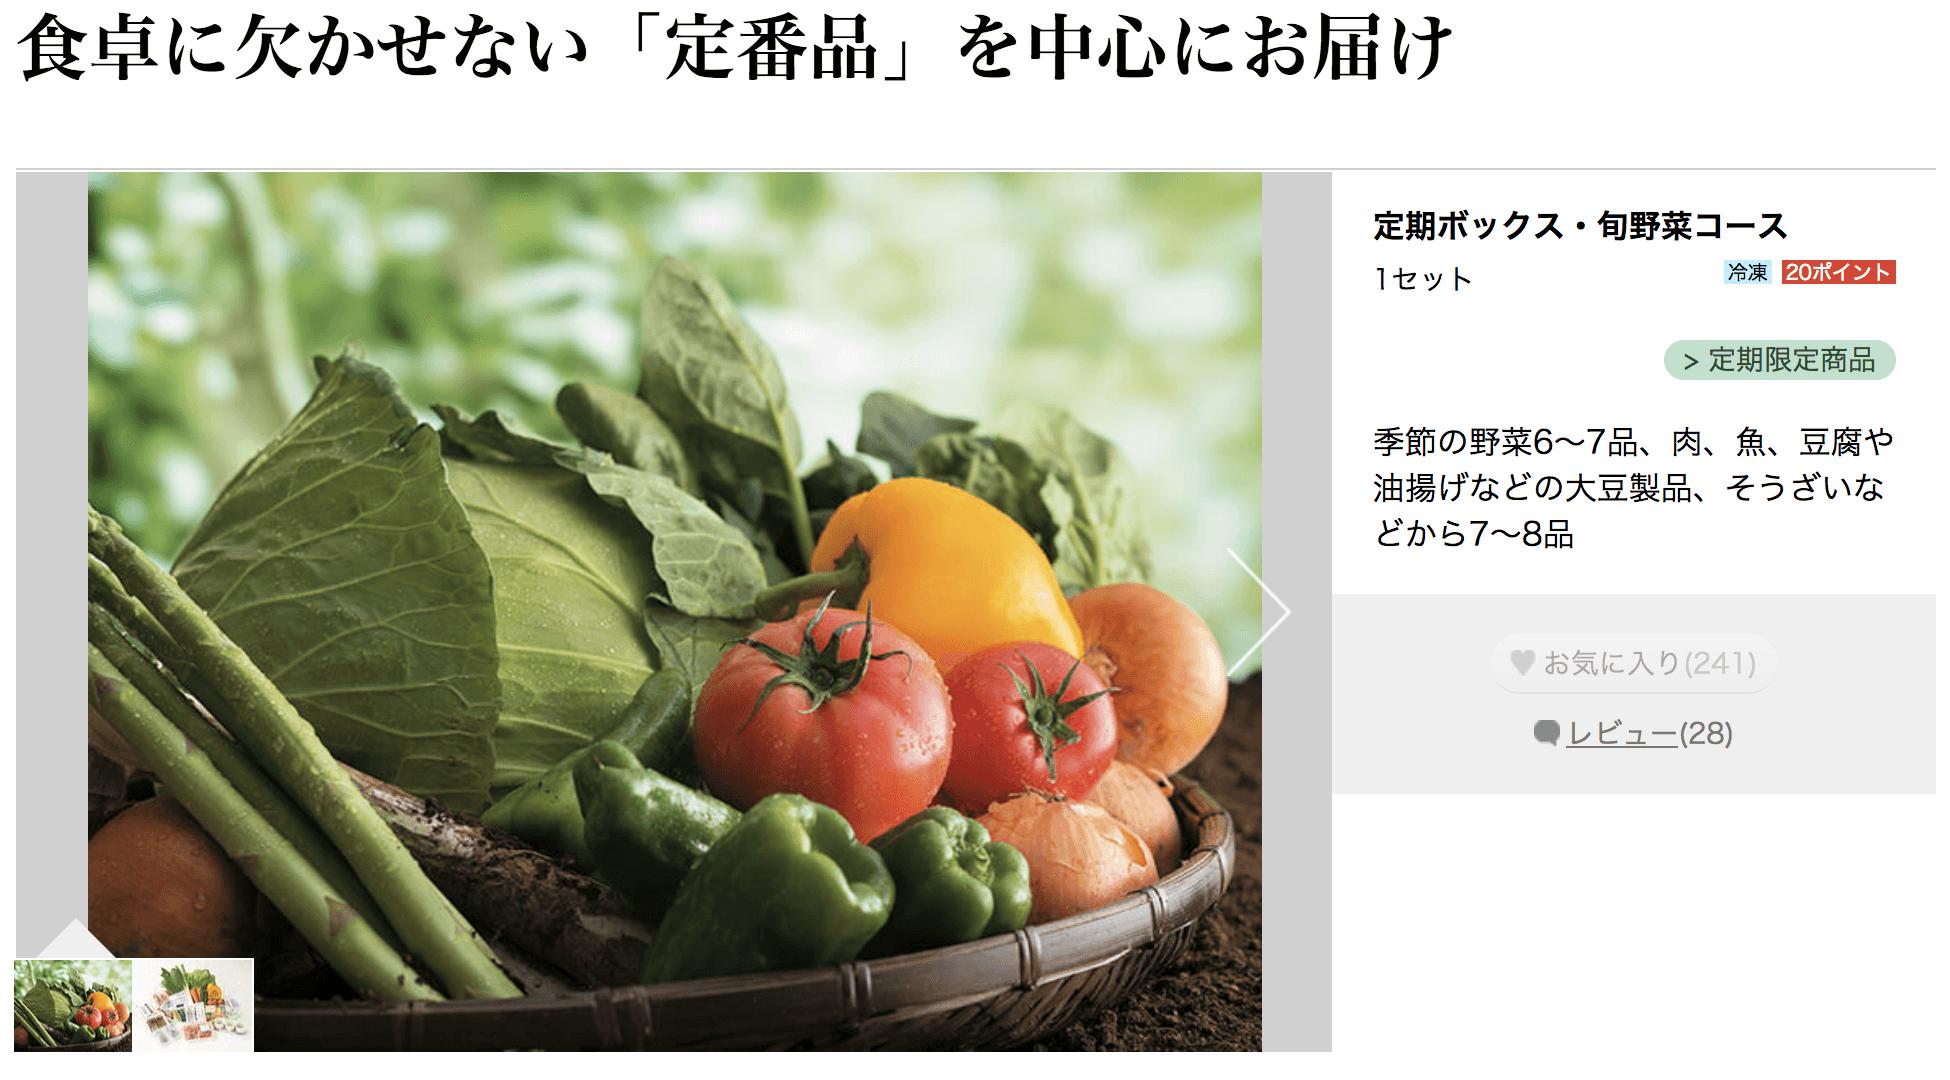 定期ボックス・旬野菜コース